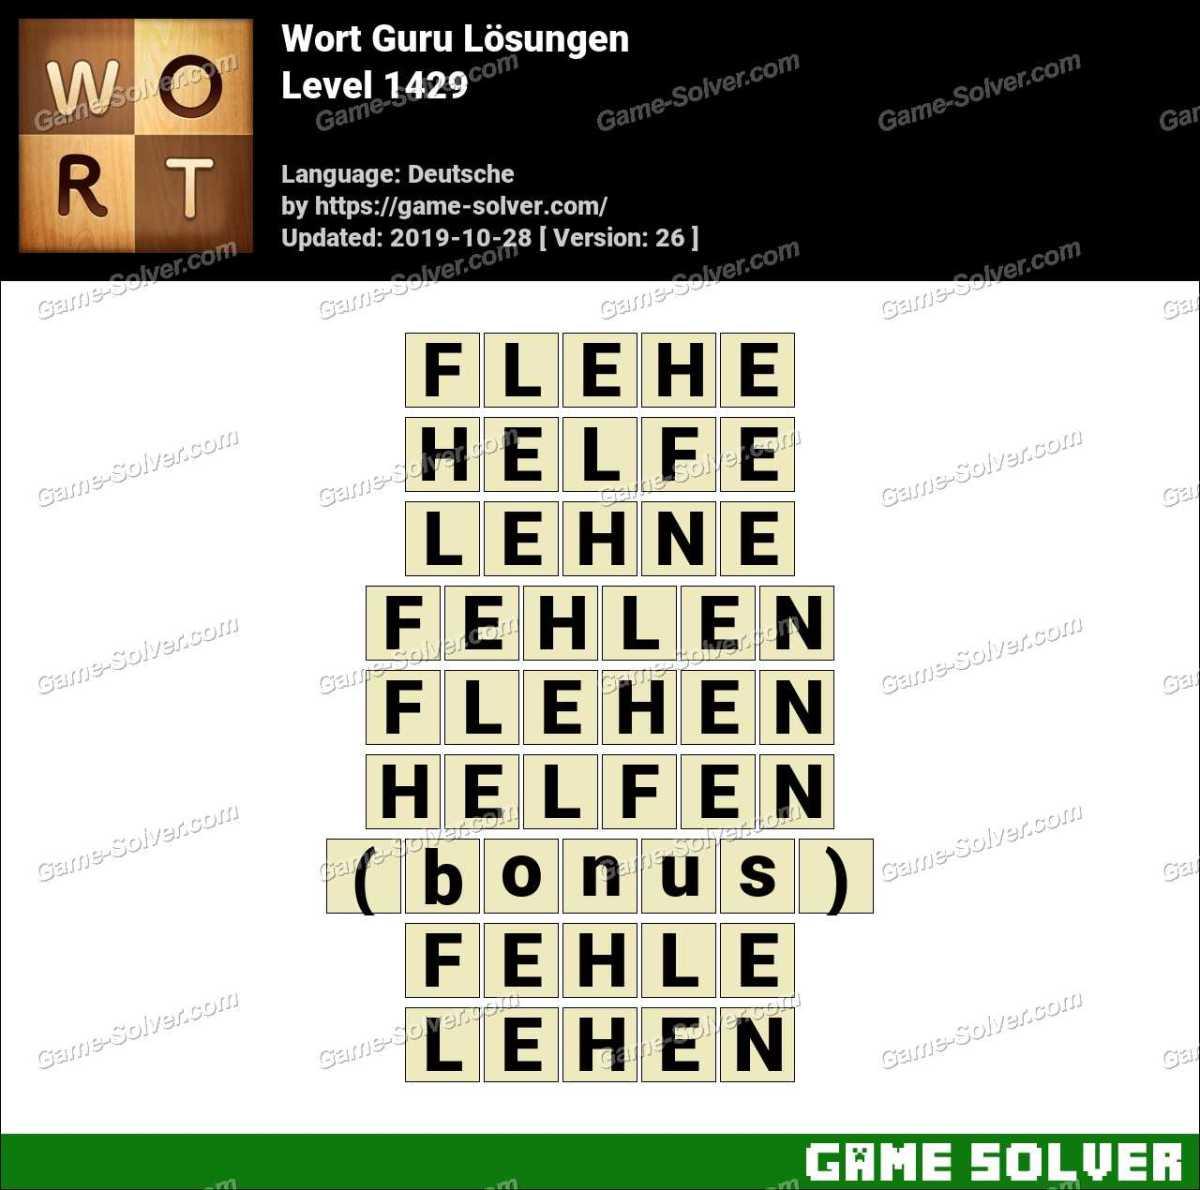 Wort Guru Level 1429 Lösungen